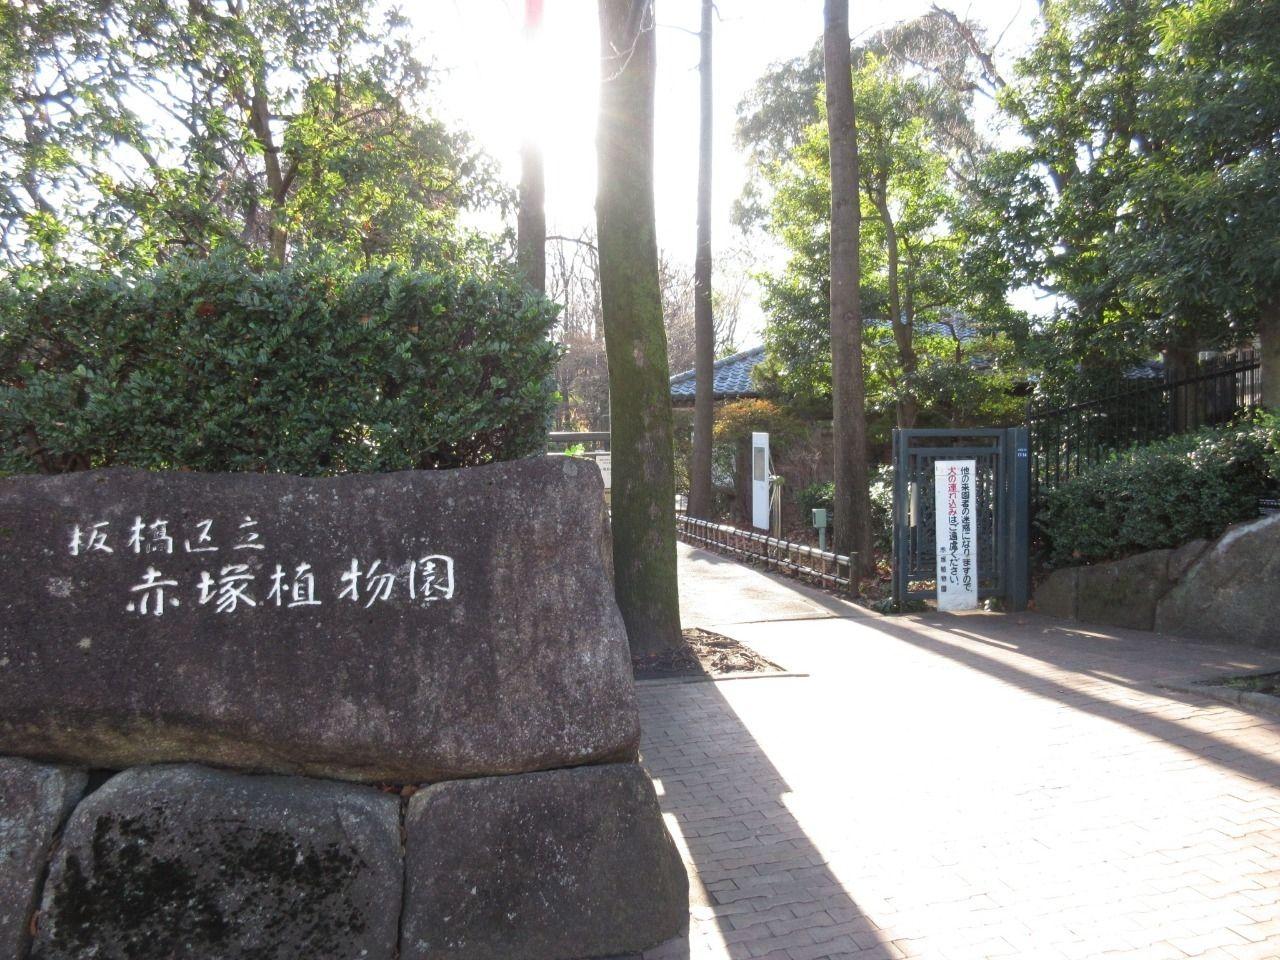 東京大仏の近くにあります。この植物園は武蔵野の面影を色濃く残す赤塚の丘陵地を活用して作られています。周りが閑静な住宅街なので落ち着いた場所でありますが、園内は自然豊かで更に落ち着いた空間なので、ゆったりとした時間が流れます。多種多様な植物が揃っているので散策にも最適な場所です。また、東京大仏と合わせてみるのもおススメです。